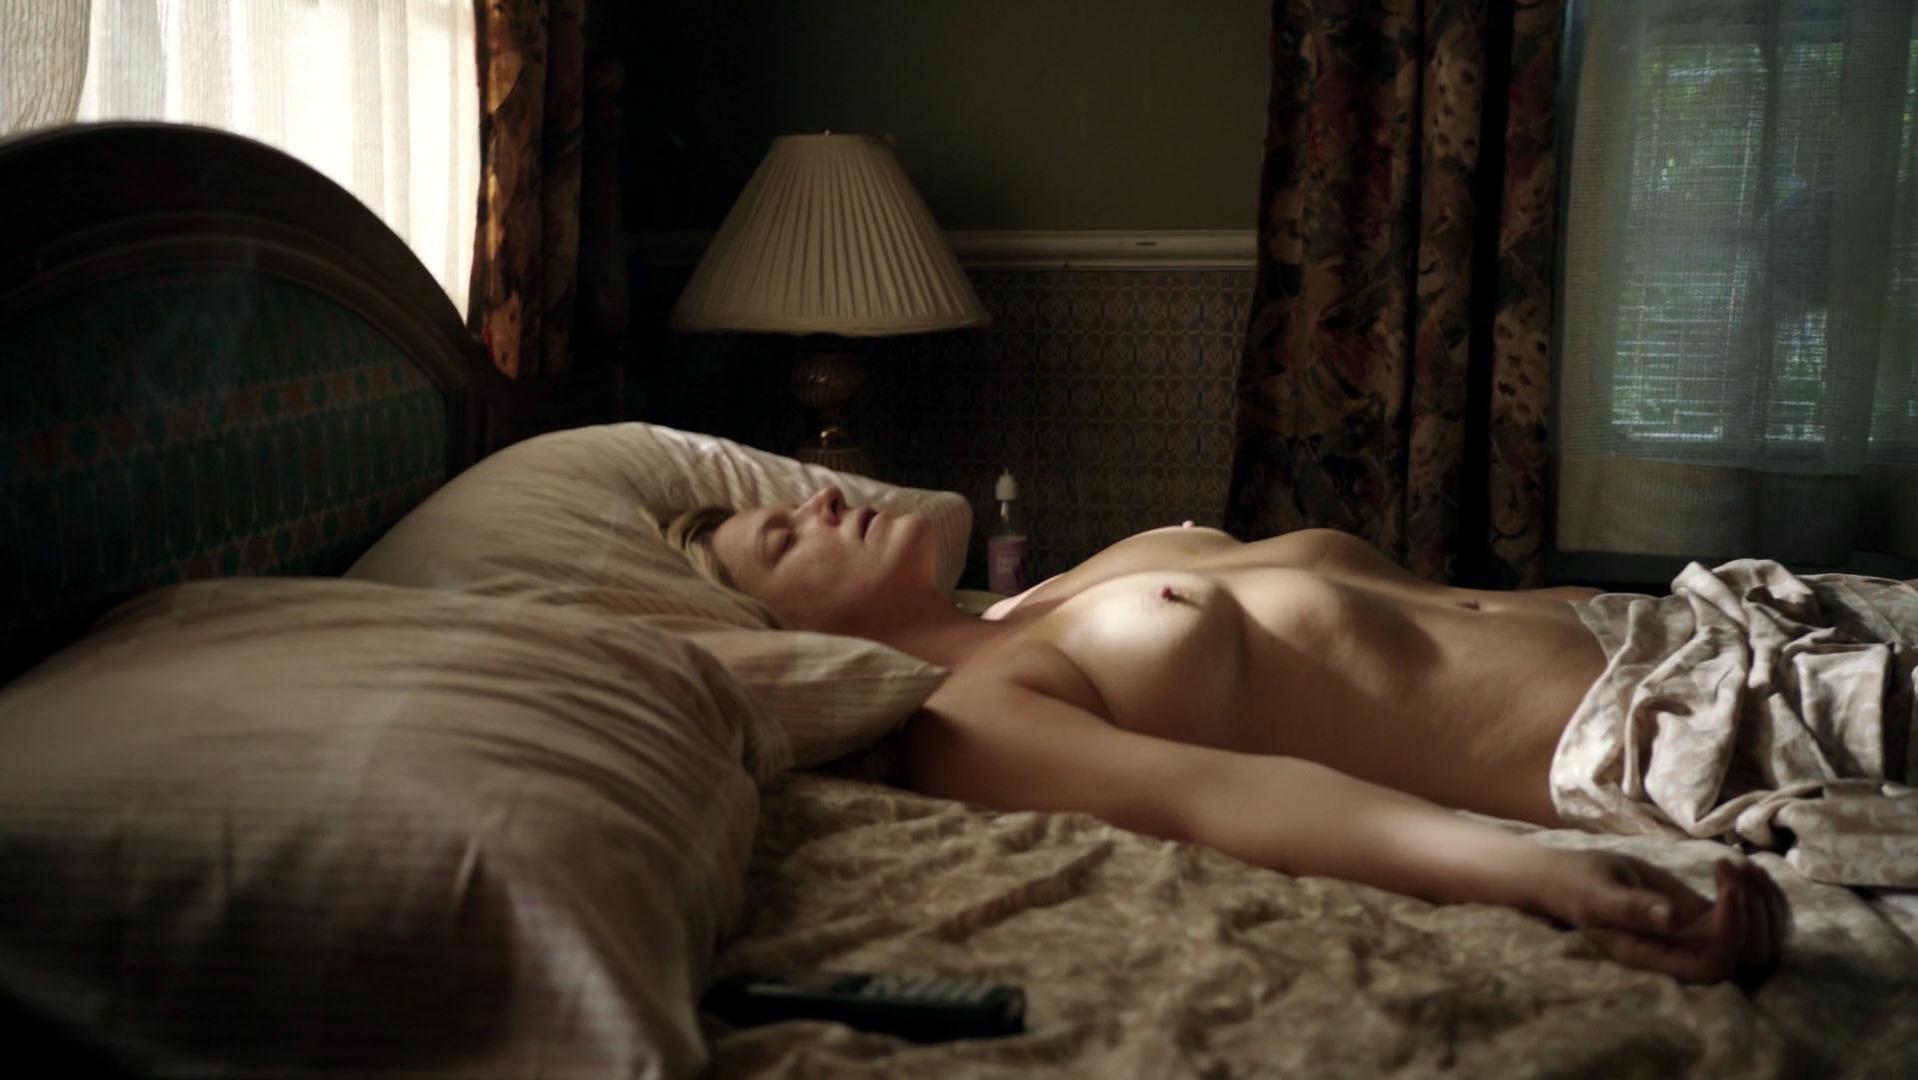 Molly Price nude - Shameless s02e02-03 (2012)